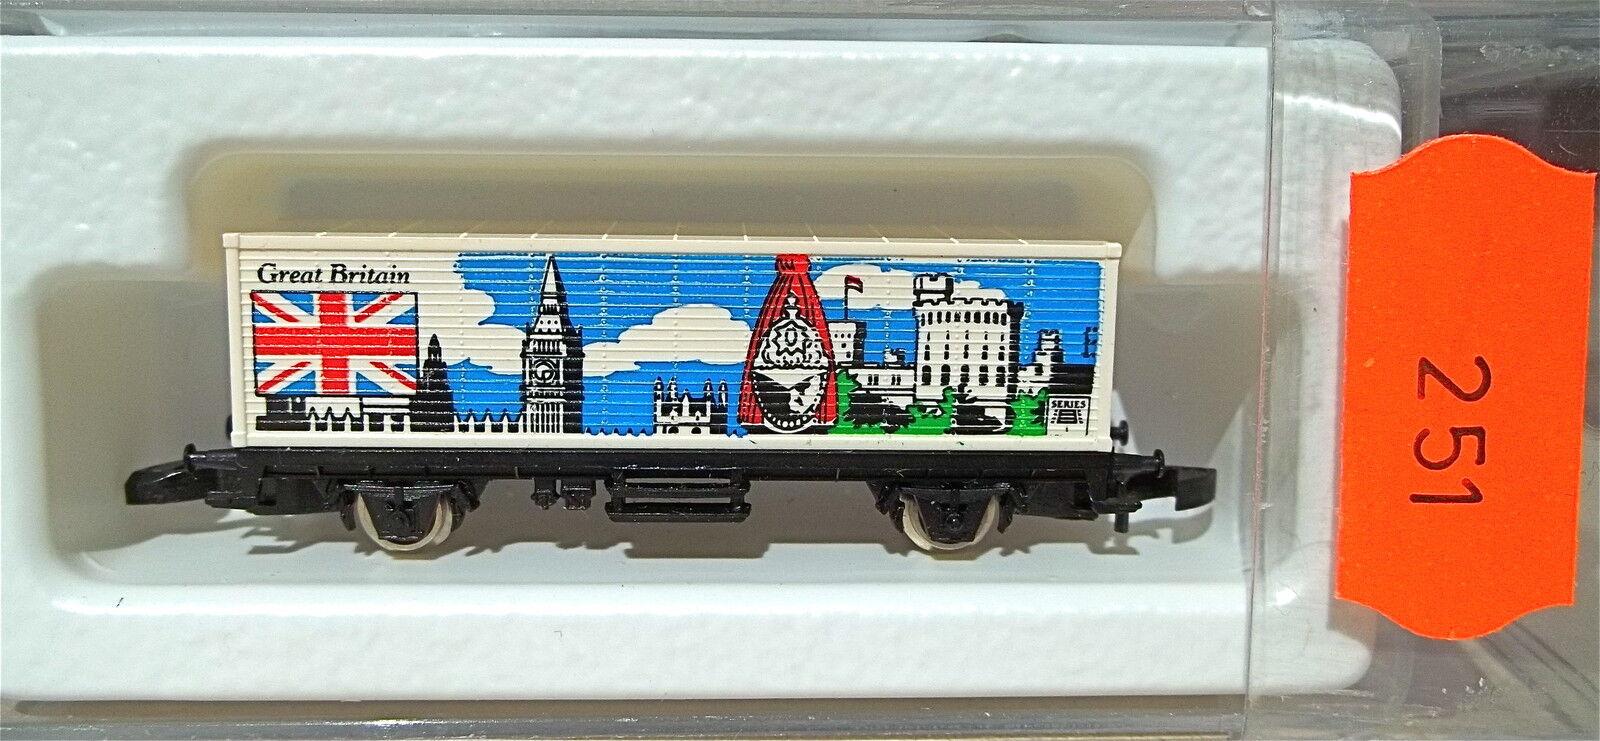 Great Britain, container Carrello partire 87704 Märklin Märklin Märklin 8615 Z 1 220  251  c969e1